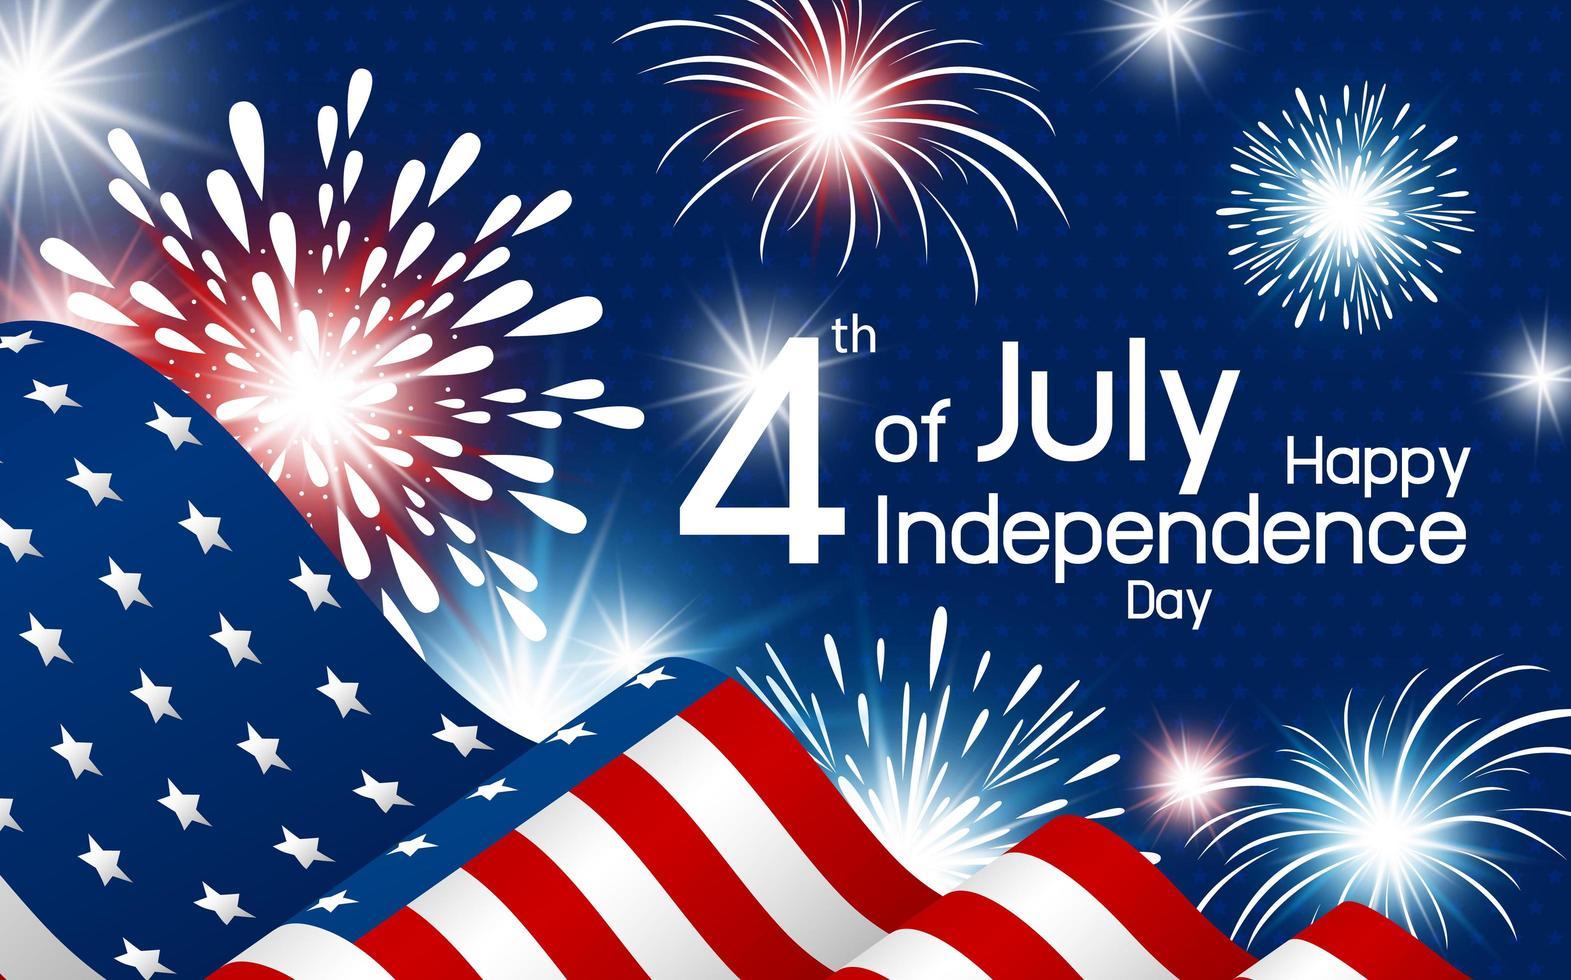 affiche de la fête de l'indépendance heureuse avec drapeau et feux d'artifice vecteur